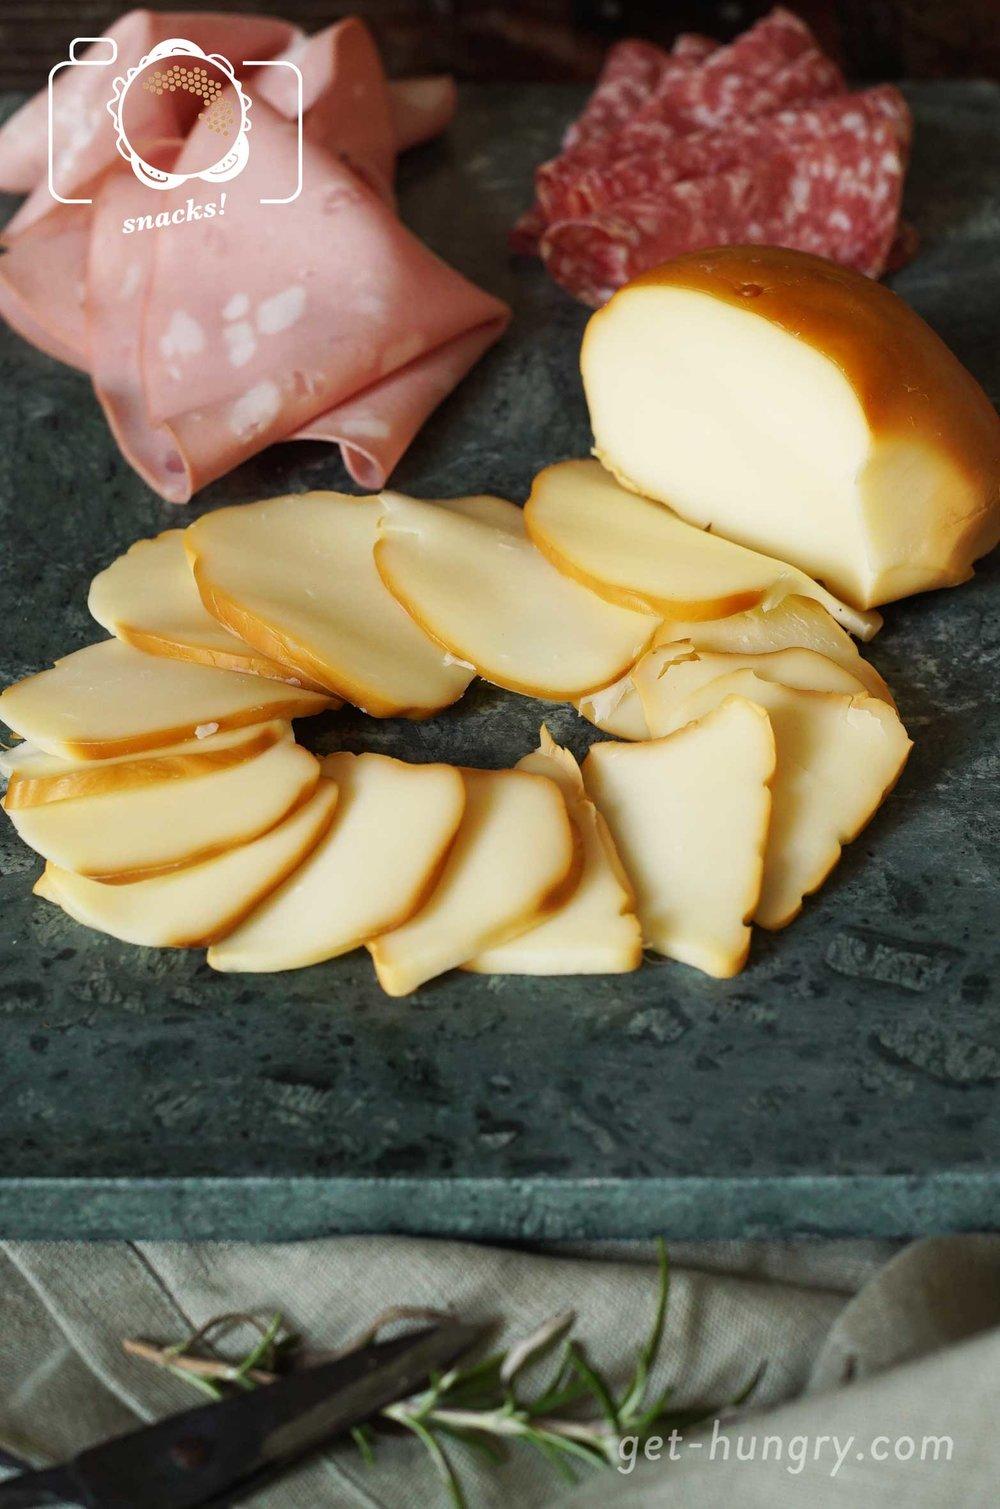 Scamorza , Salami, Mortadella und auch geriebener Pecorino Hartkäse dürfen im Tortano nicht fehlen. Wäre auch zu schade - daher versuche alle Zutaten zu bekommen und zwar in richtig guter Qualität. Es zahlt sich aus.